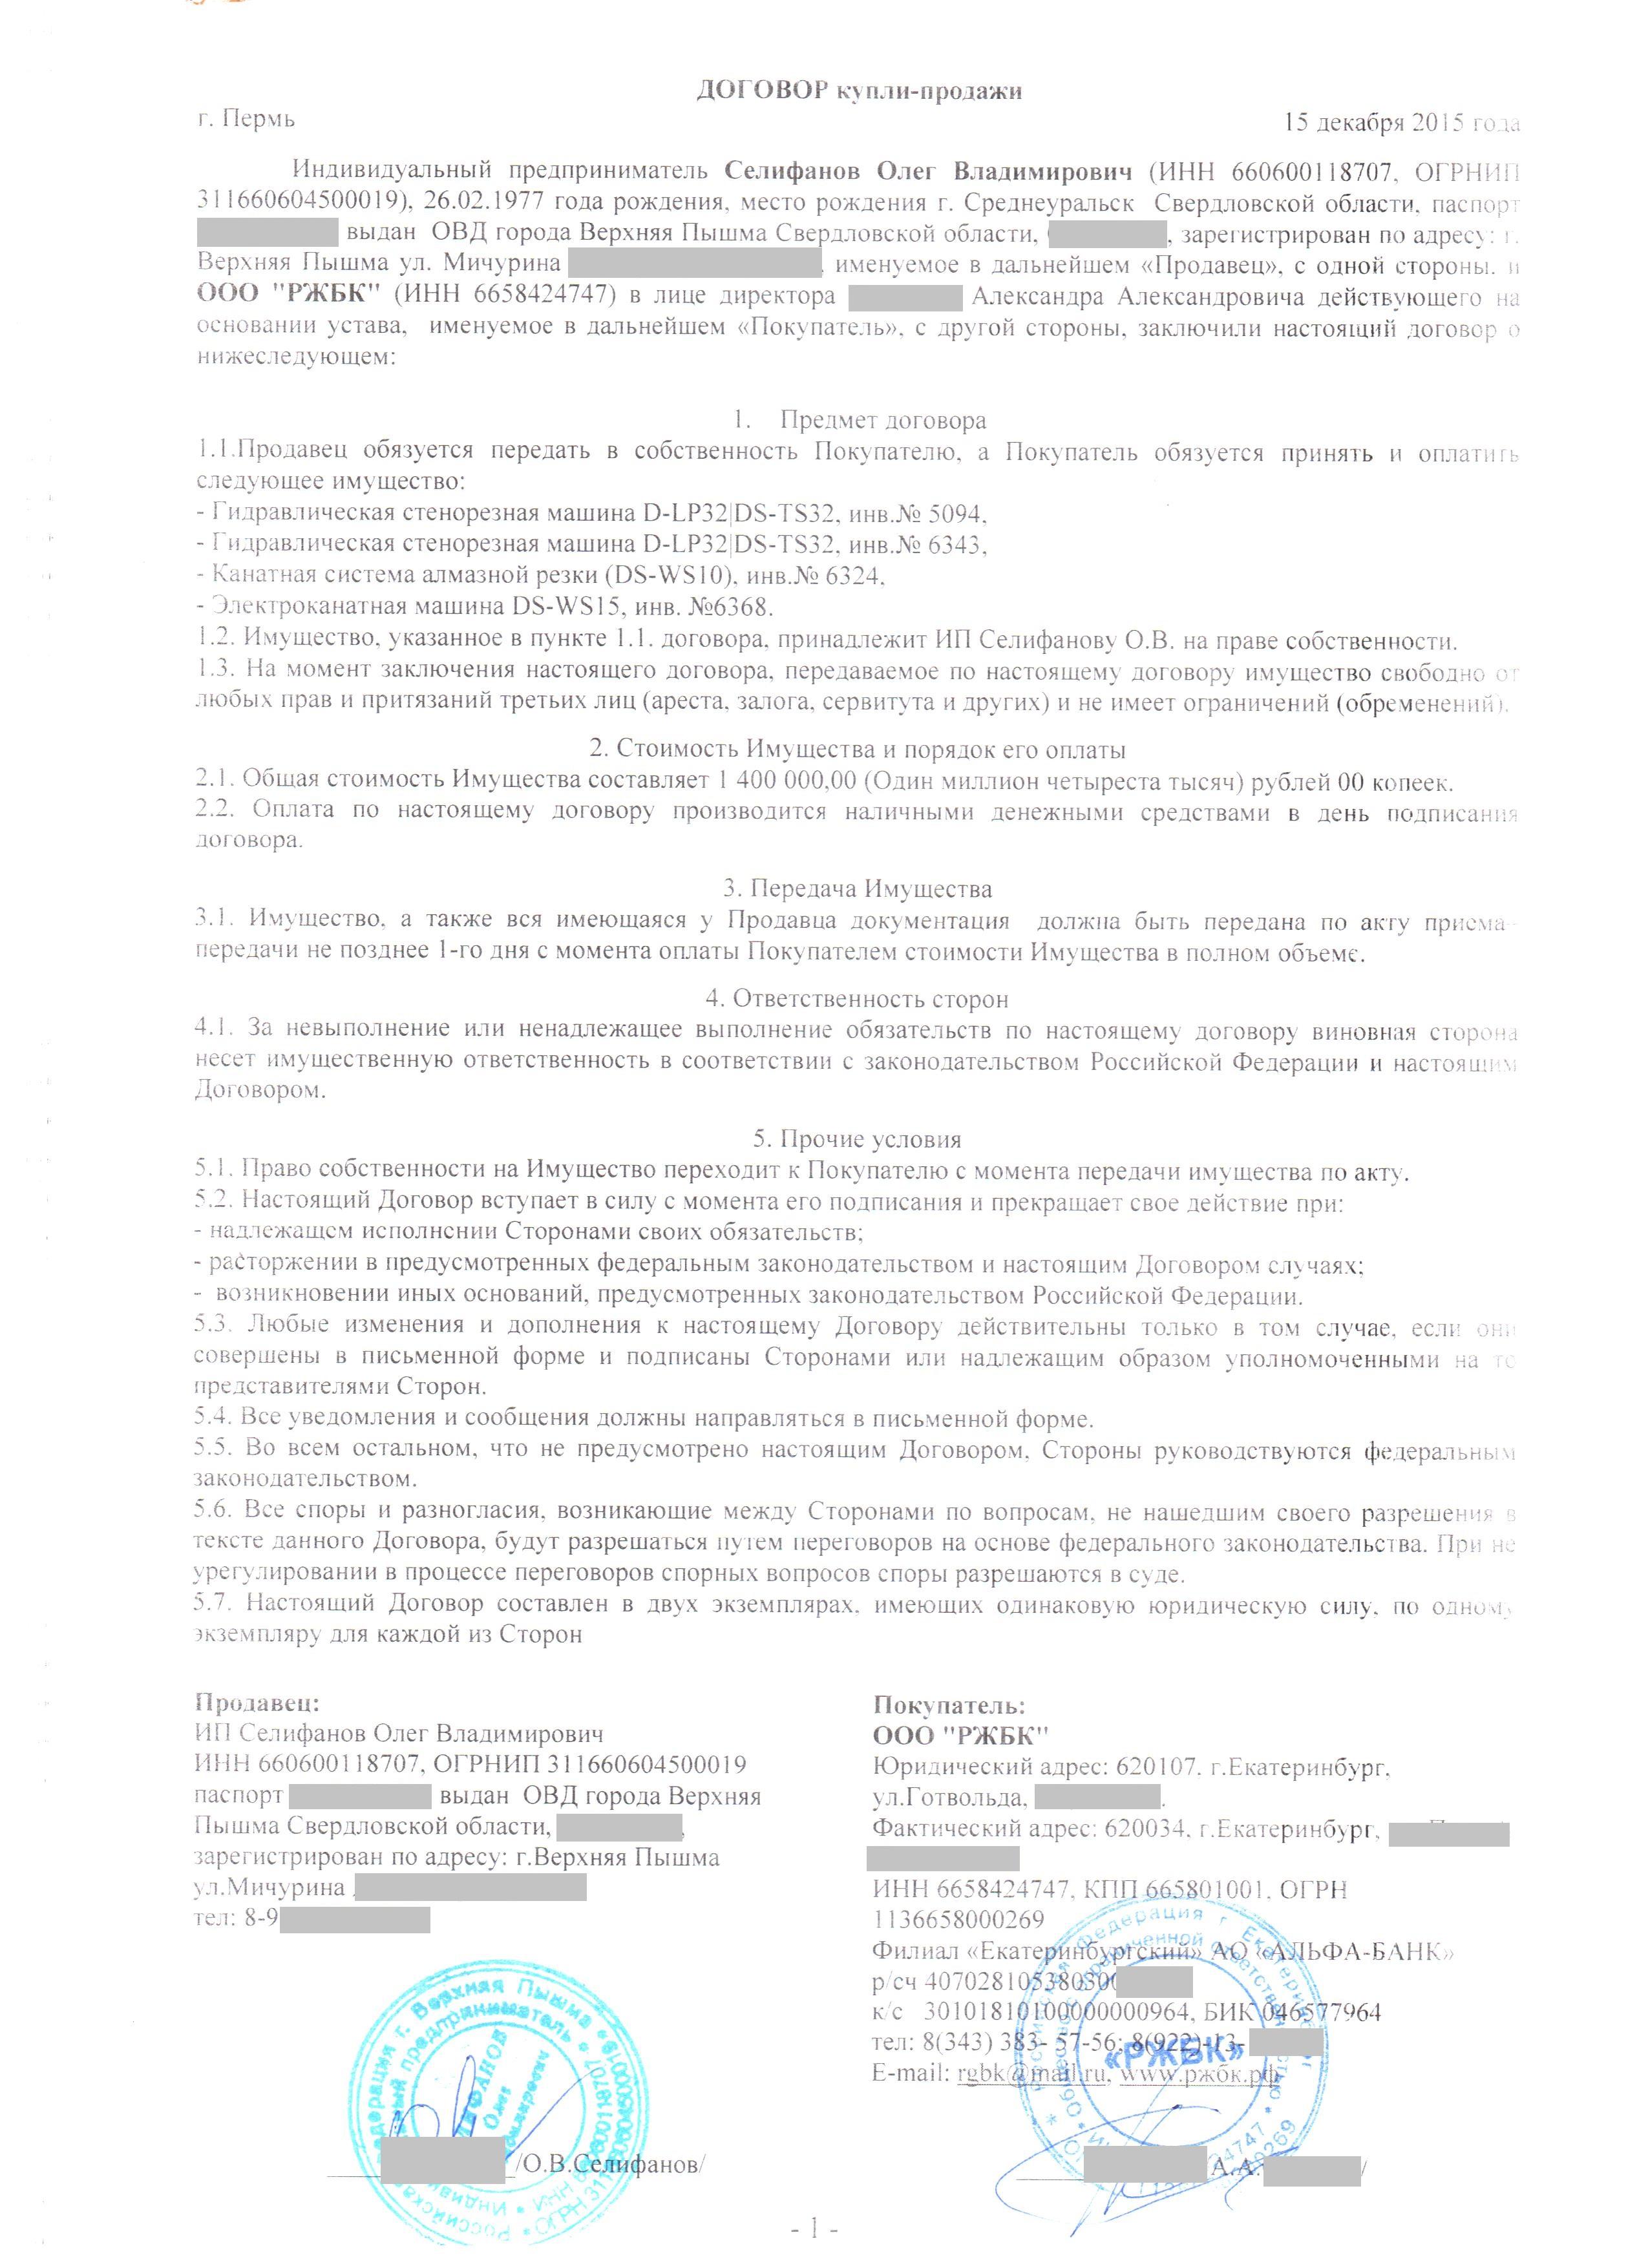 агентский договор для торгов по банкротству образец